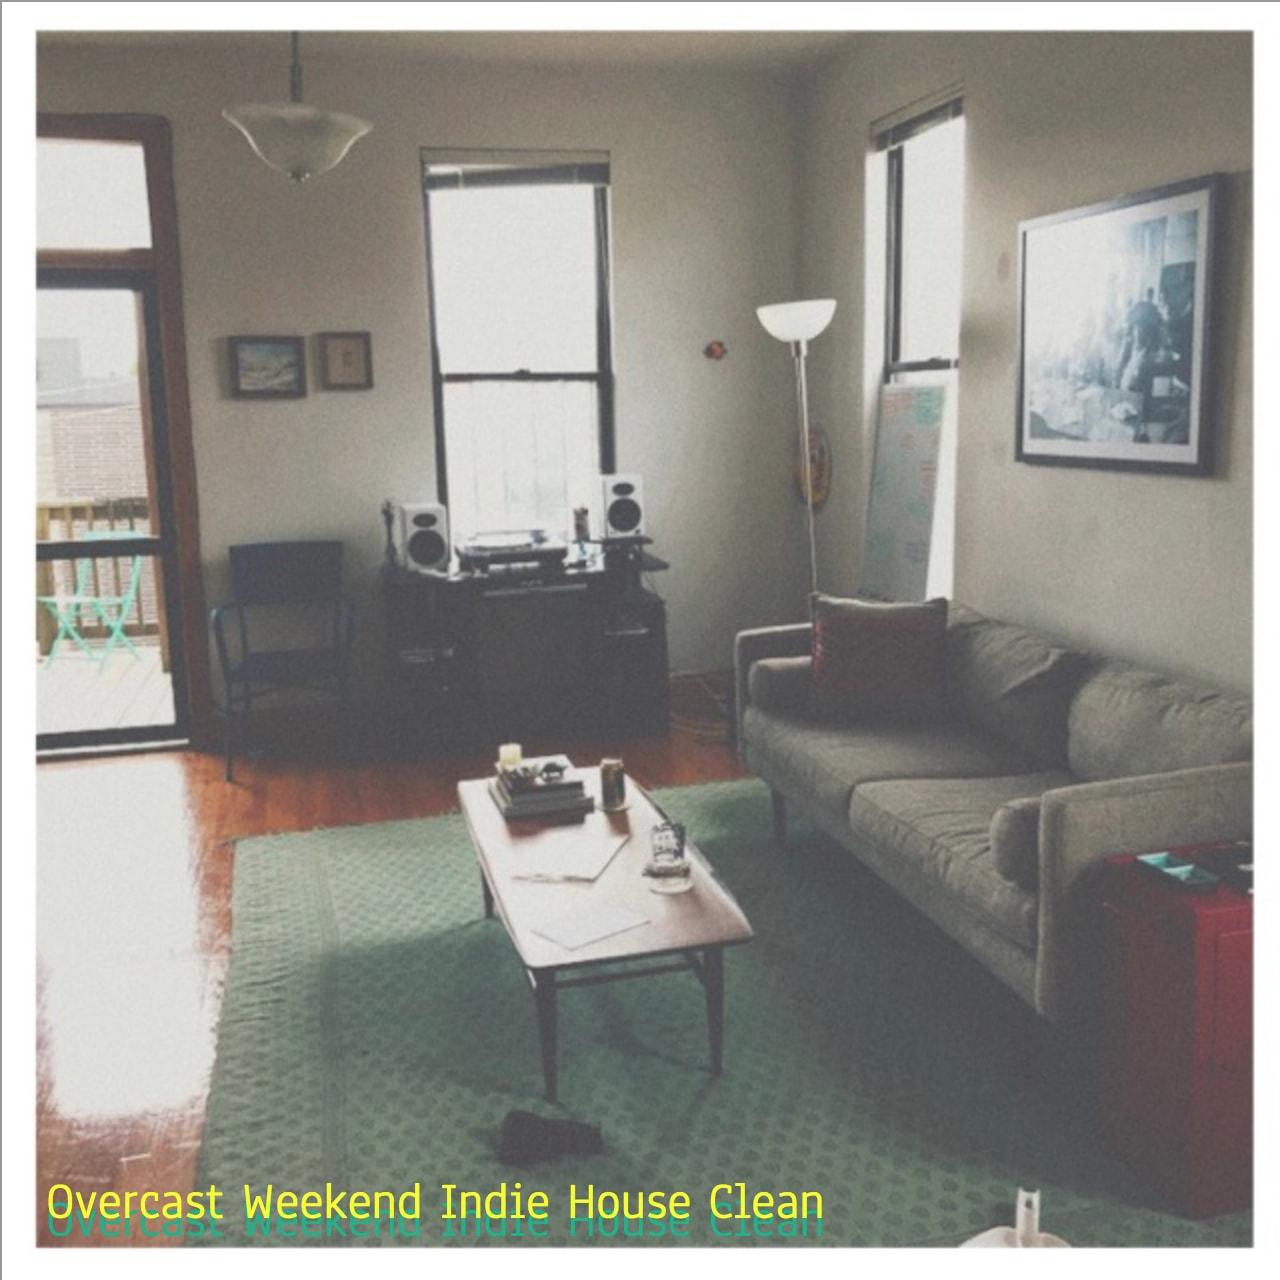 overcast weekend indie house clean